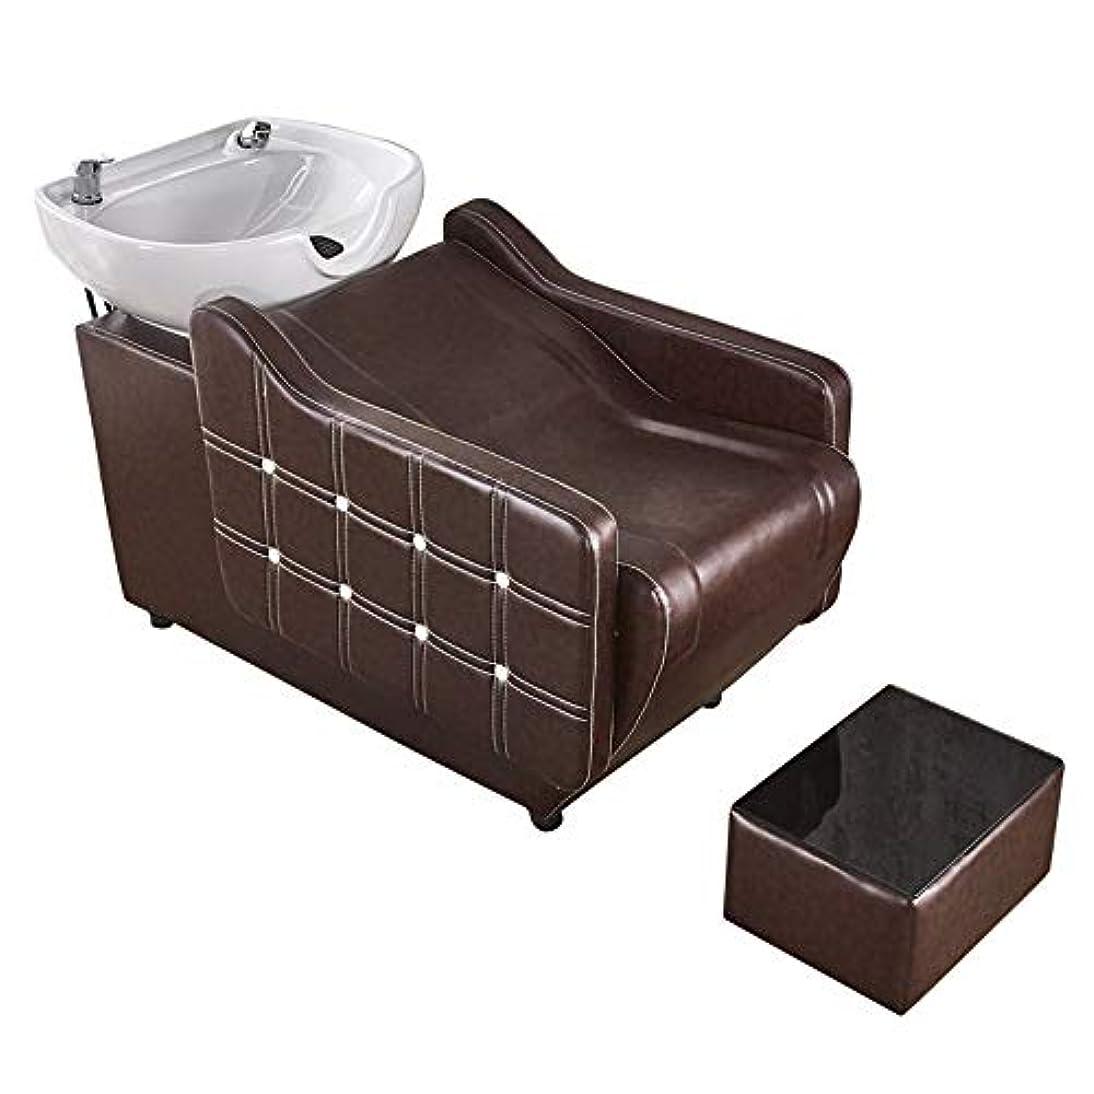 トリップアカウントレシピシャンプーチェア、理髪店の逆洗ユニットシャンプーボウル理髪シンクの椅子用スパ美容院